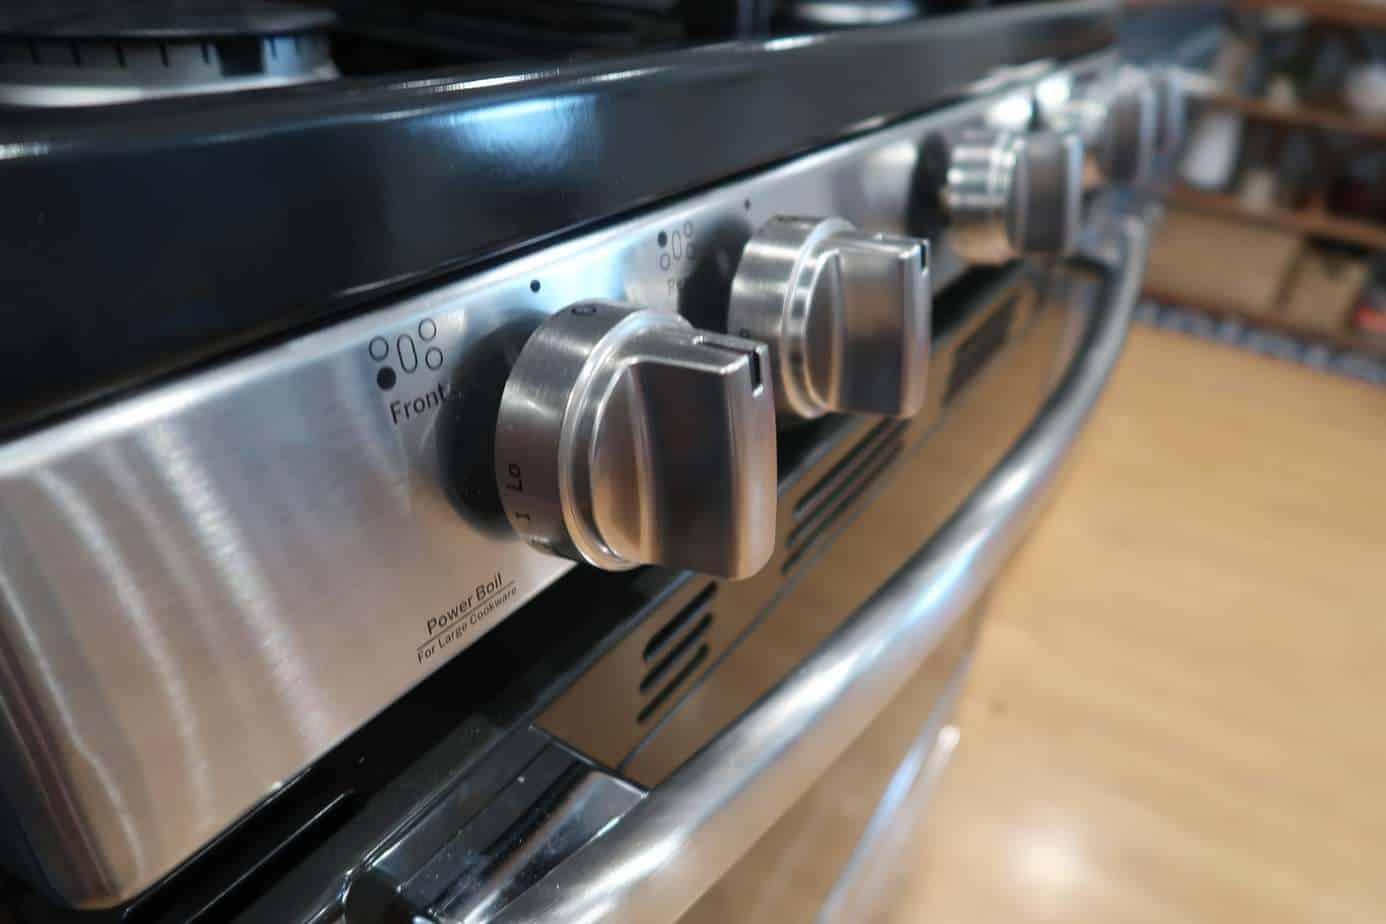 kitchen -appliances-frugal